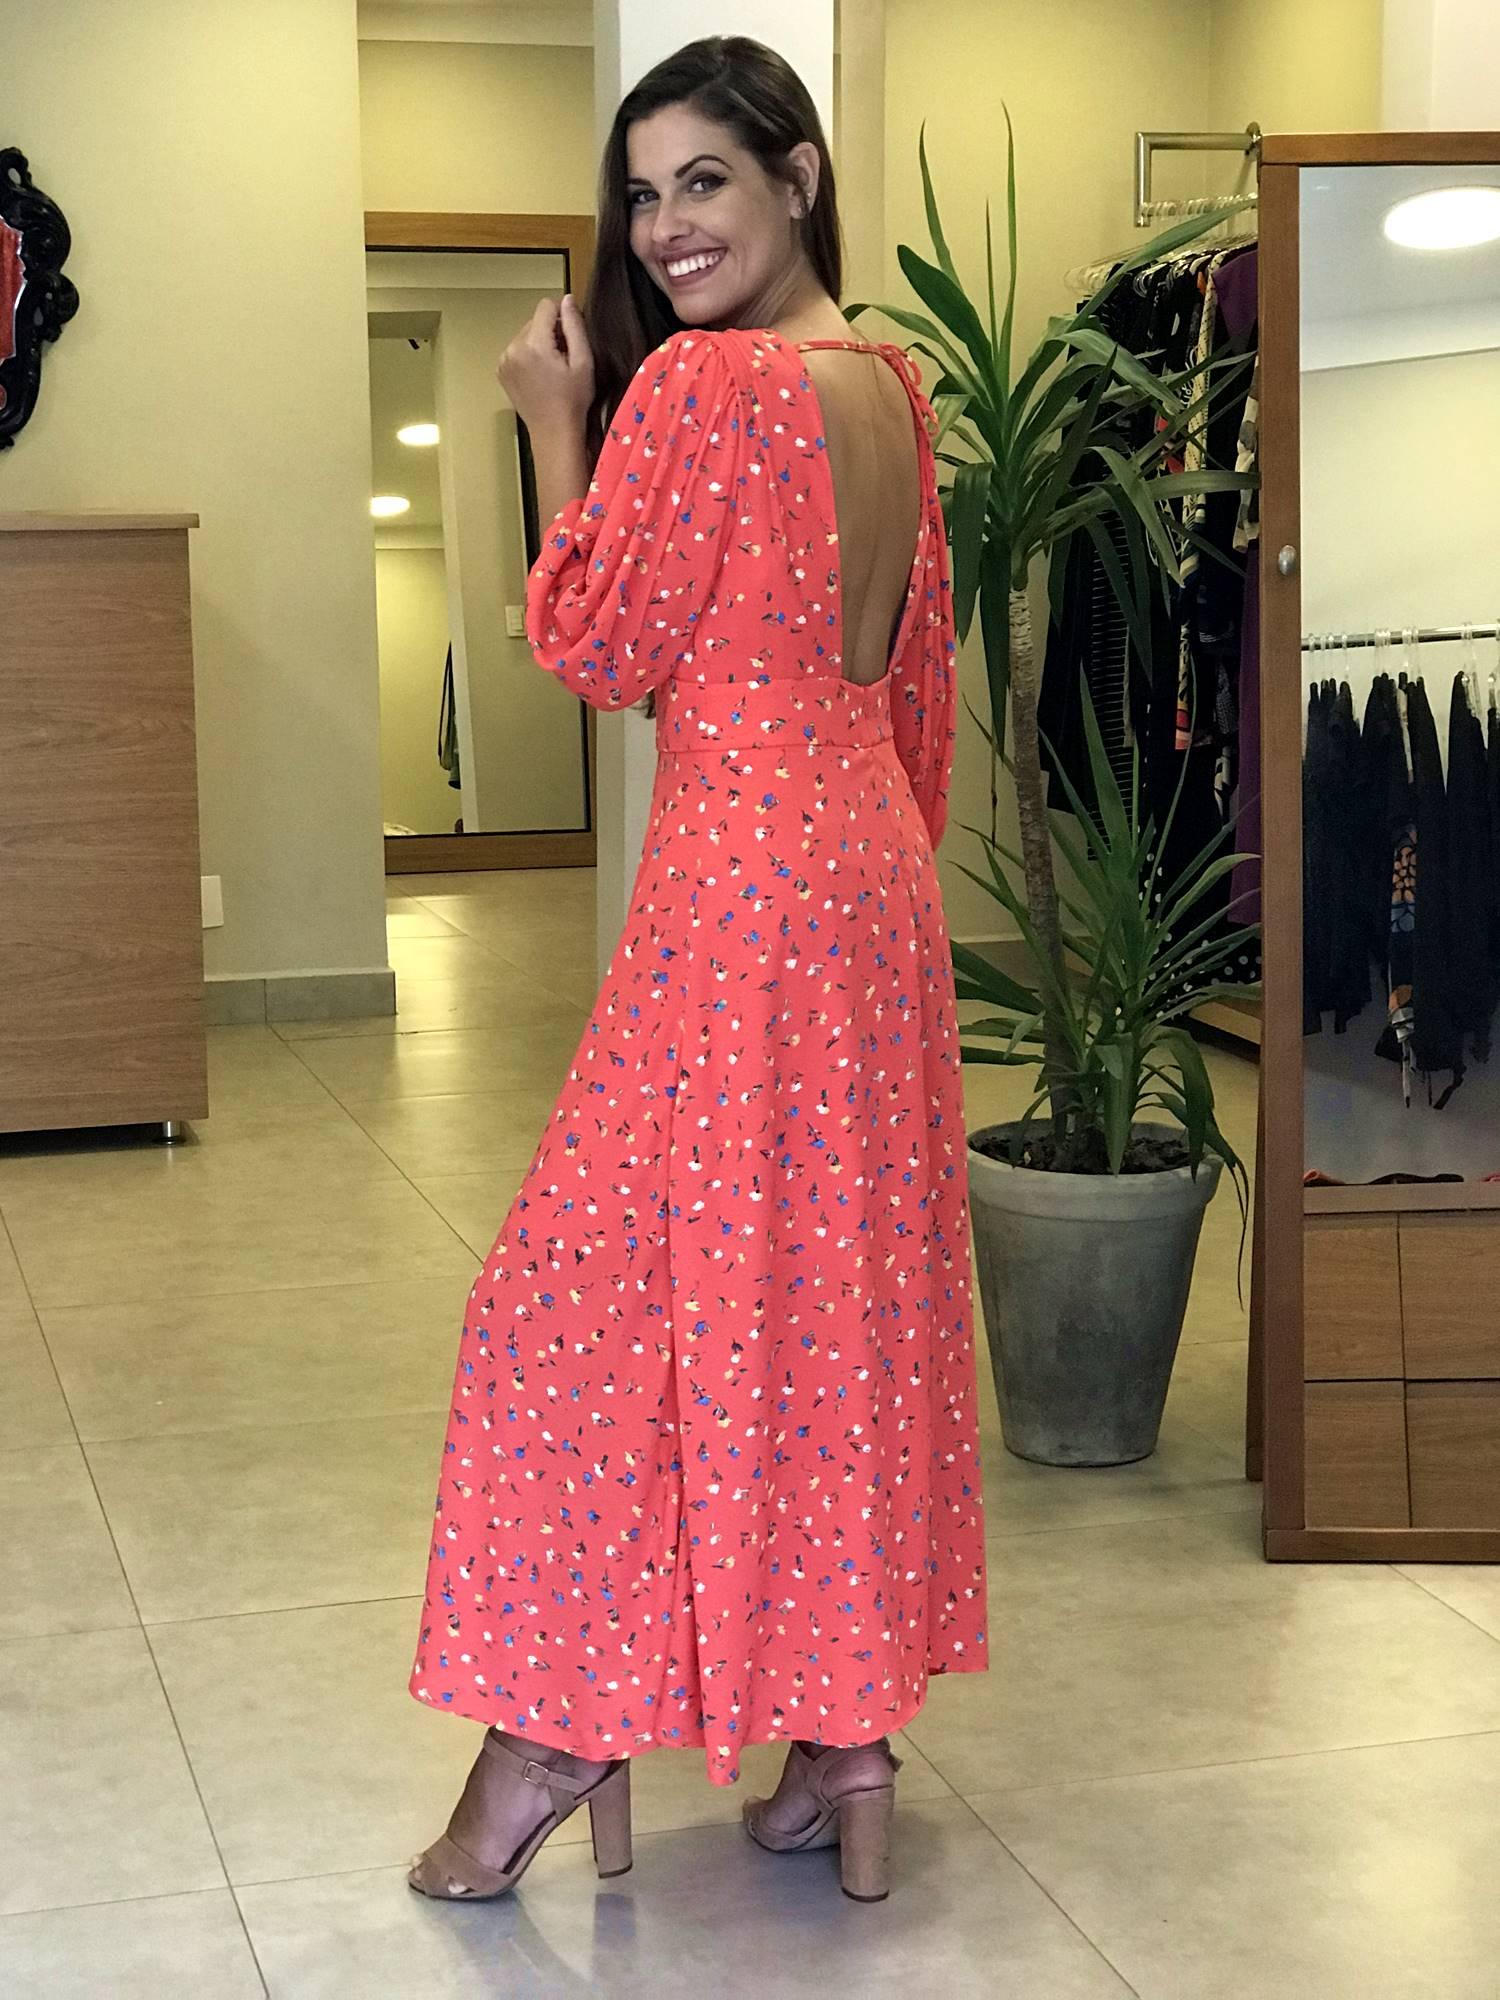 Vestido Midi/Longo Floral Decote Costas